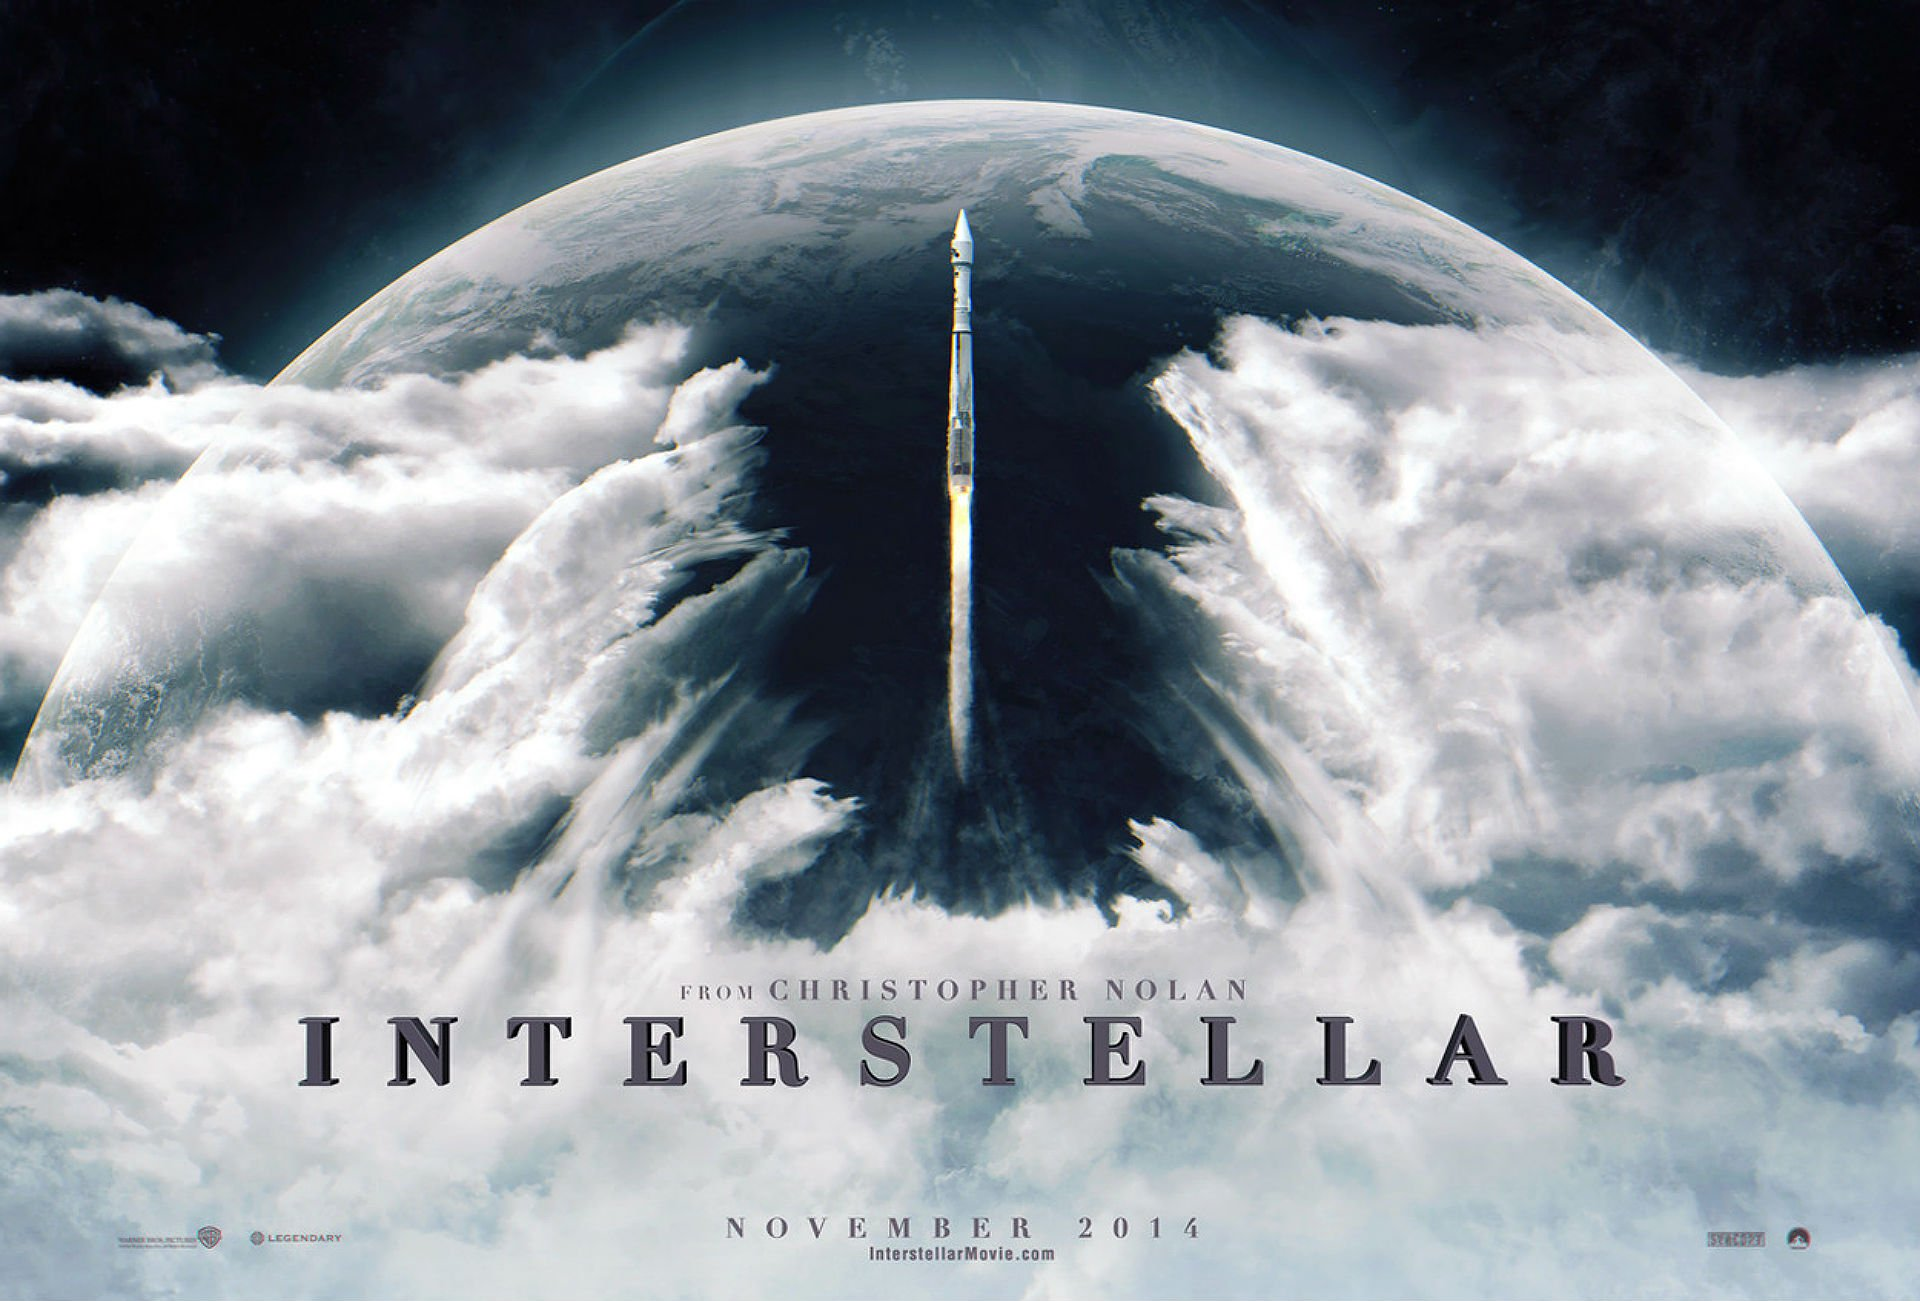 Das Plakat zeigt eine Atlas 5 401. Eine Rakete, die im Film gar nicht vorkommt, aber in unserer Realität schon.